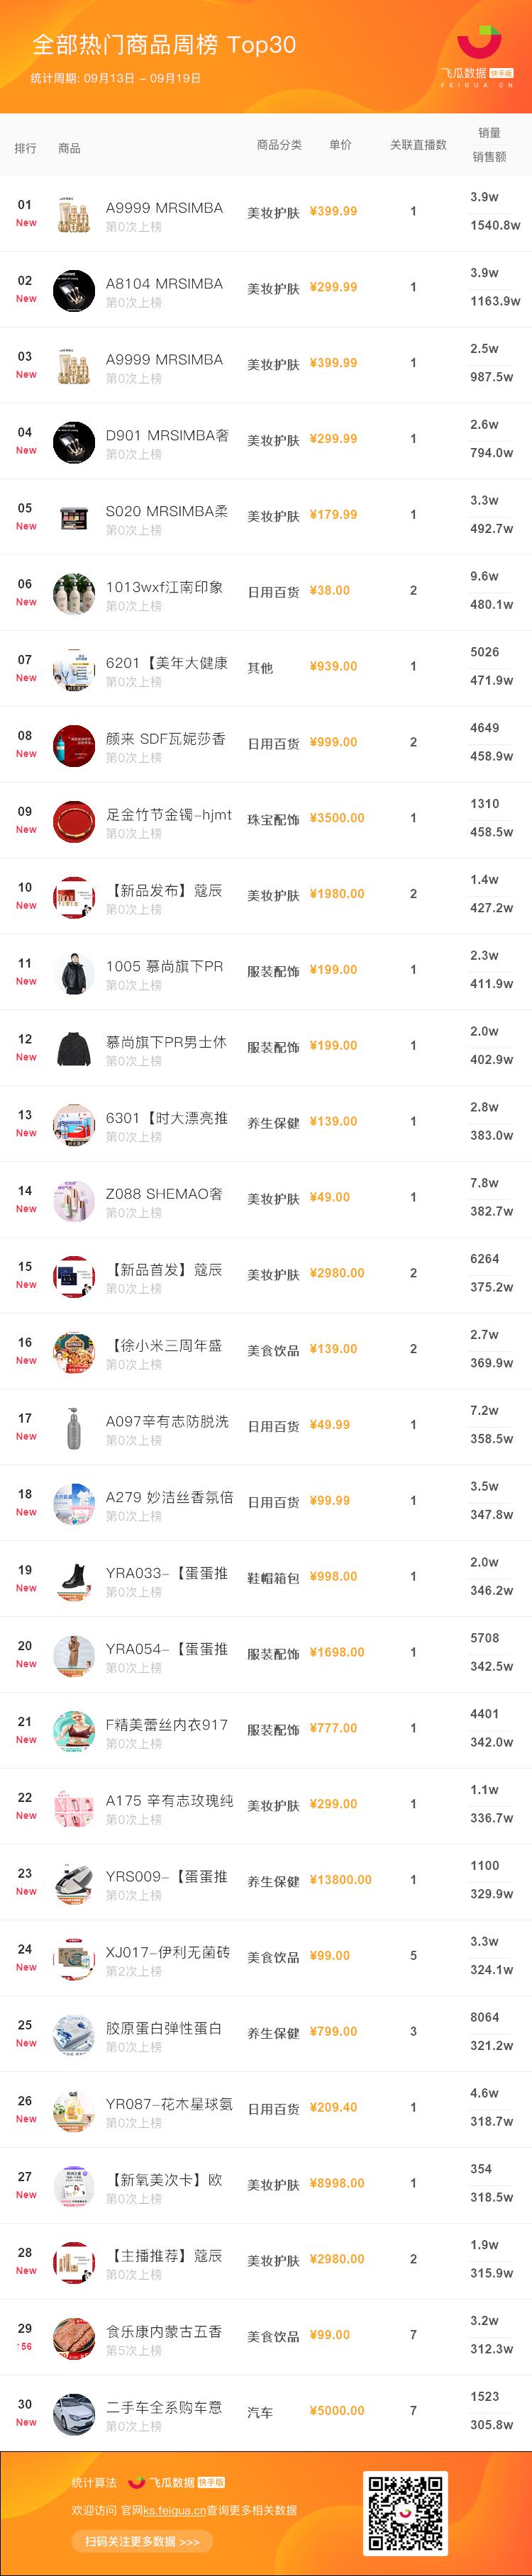 快手热门商品周榜-TOP30